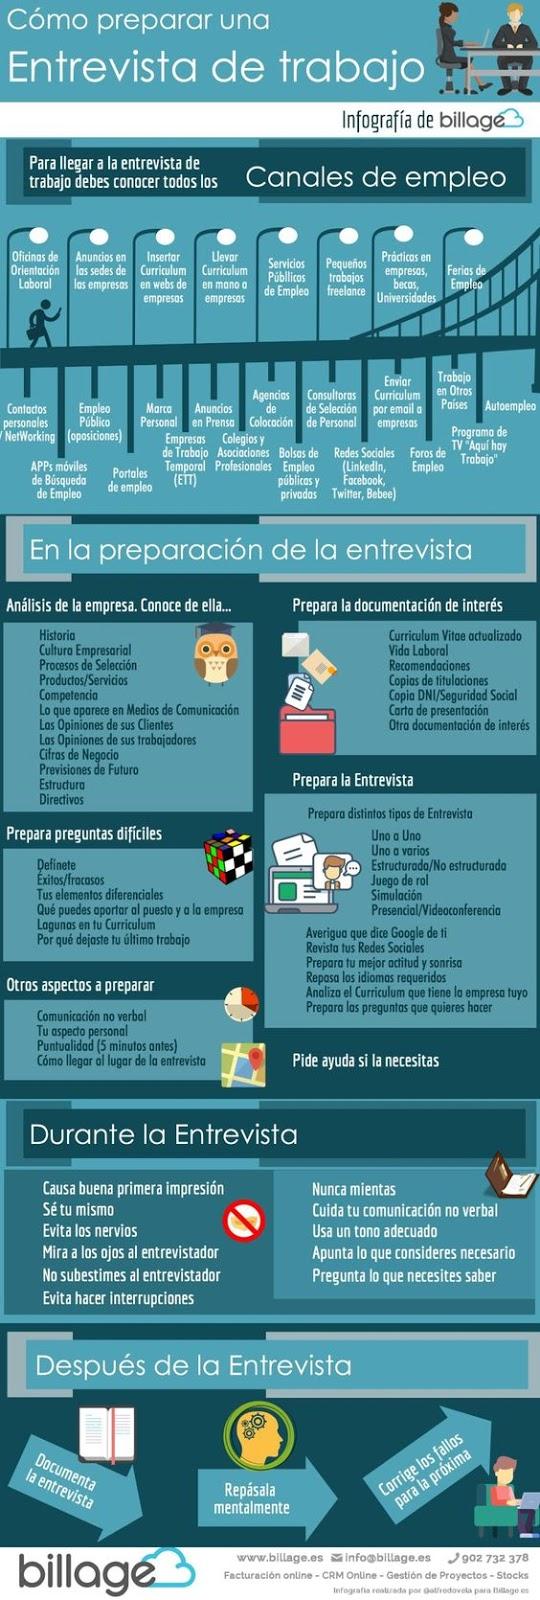 Como preparar una Entrevista de #Trabajo